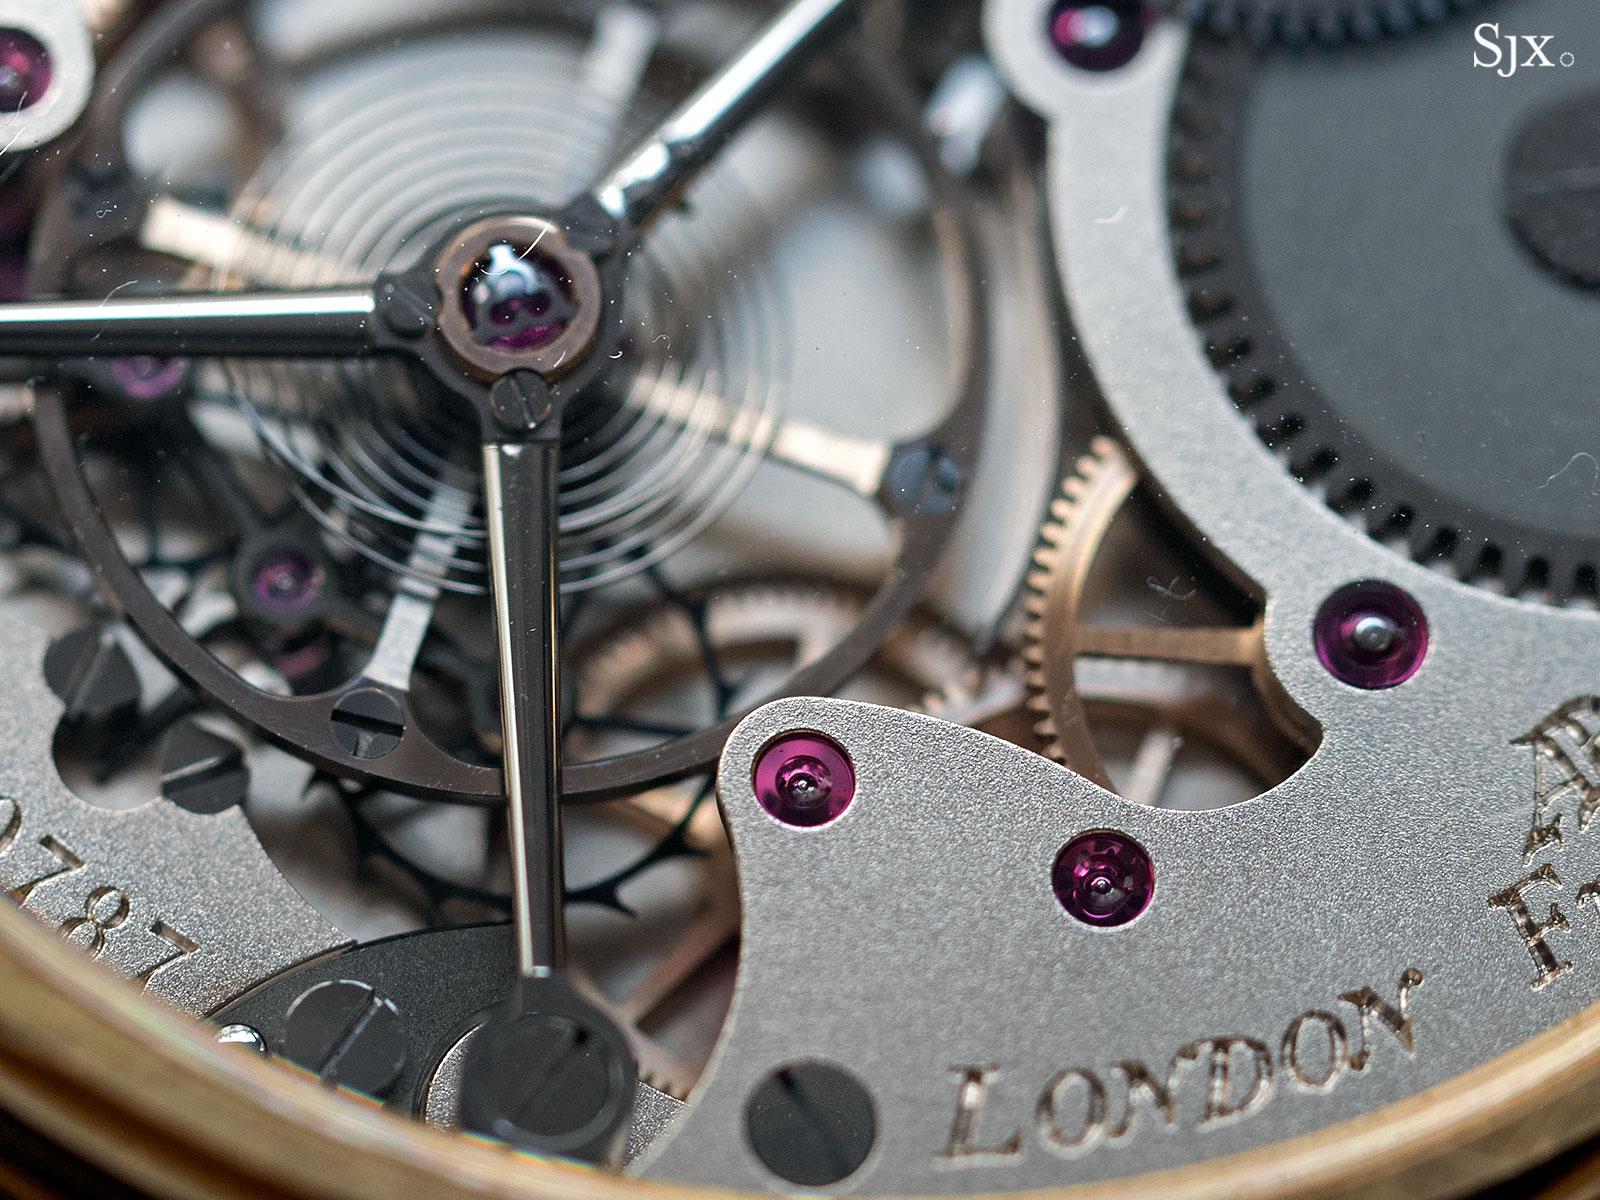 Frodsham Double Impulse Chronometer 22k gold 6